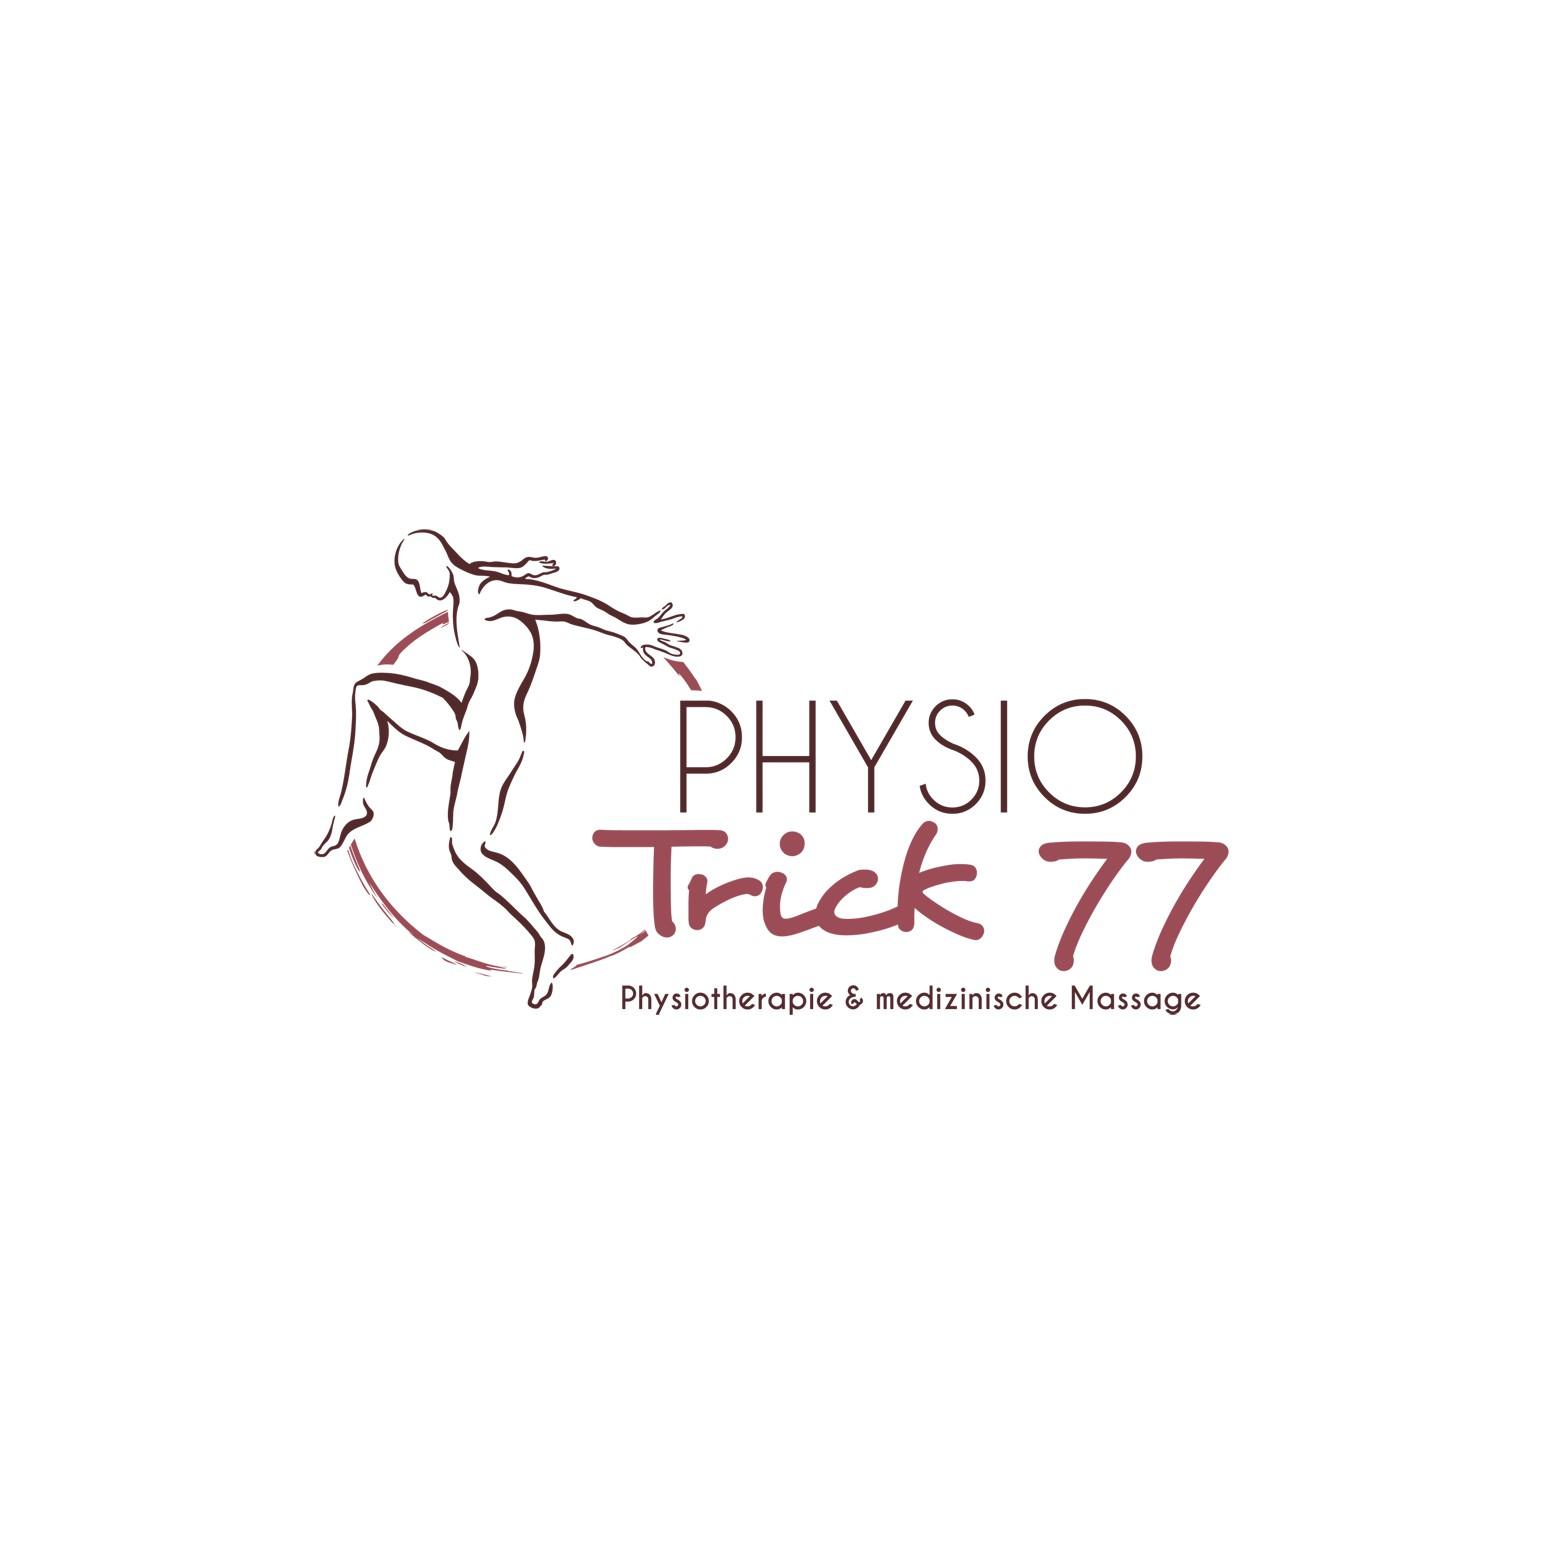 Physiotherapie- und Massagepraxis braucht ein modernes und aussagekräftiges Logo.